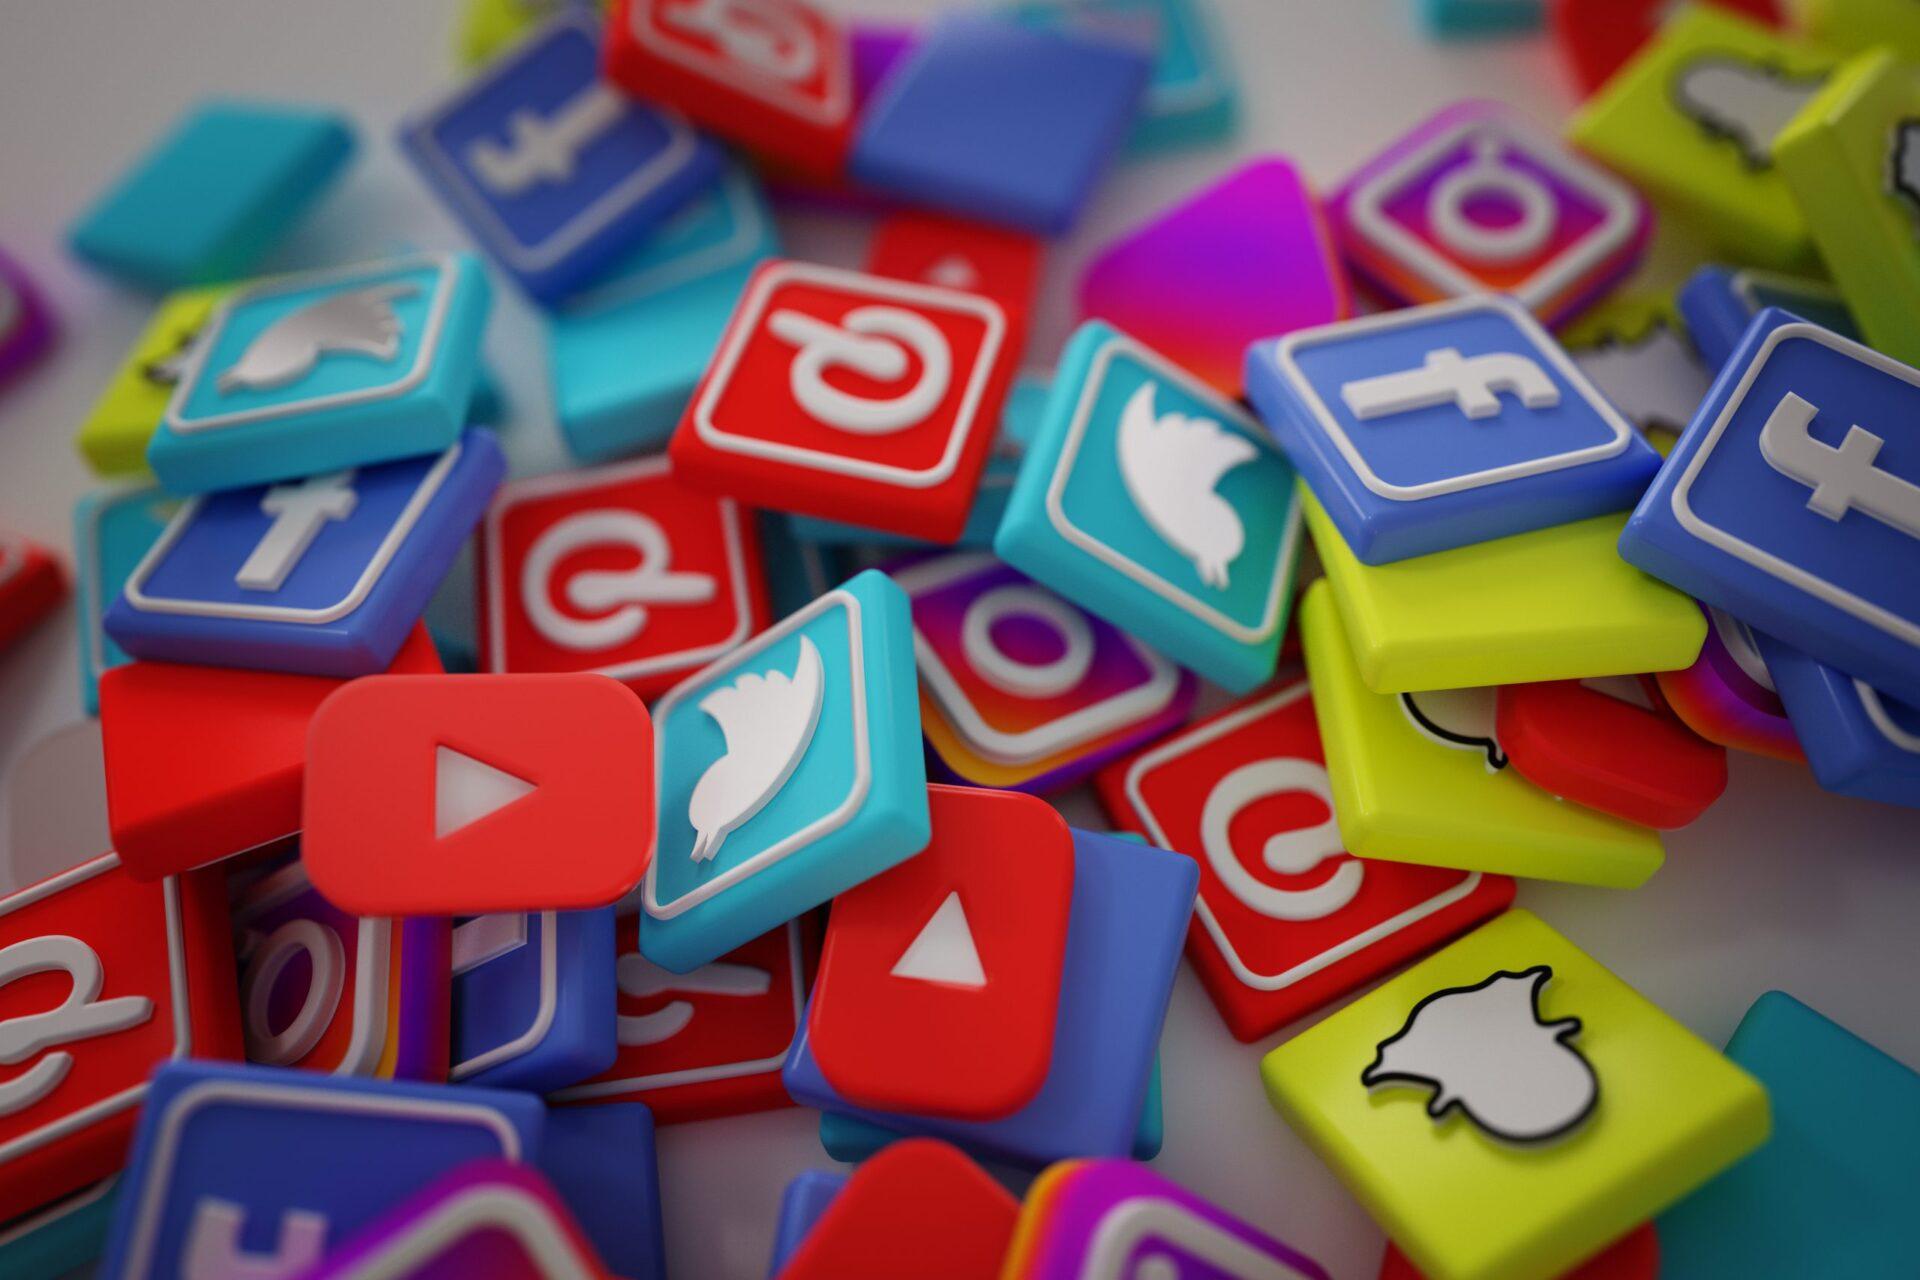 طرق ادارة مواقع التواصل الاجتماعي